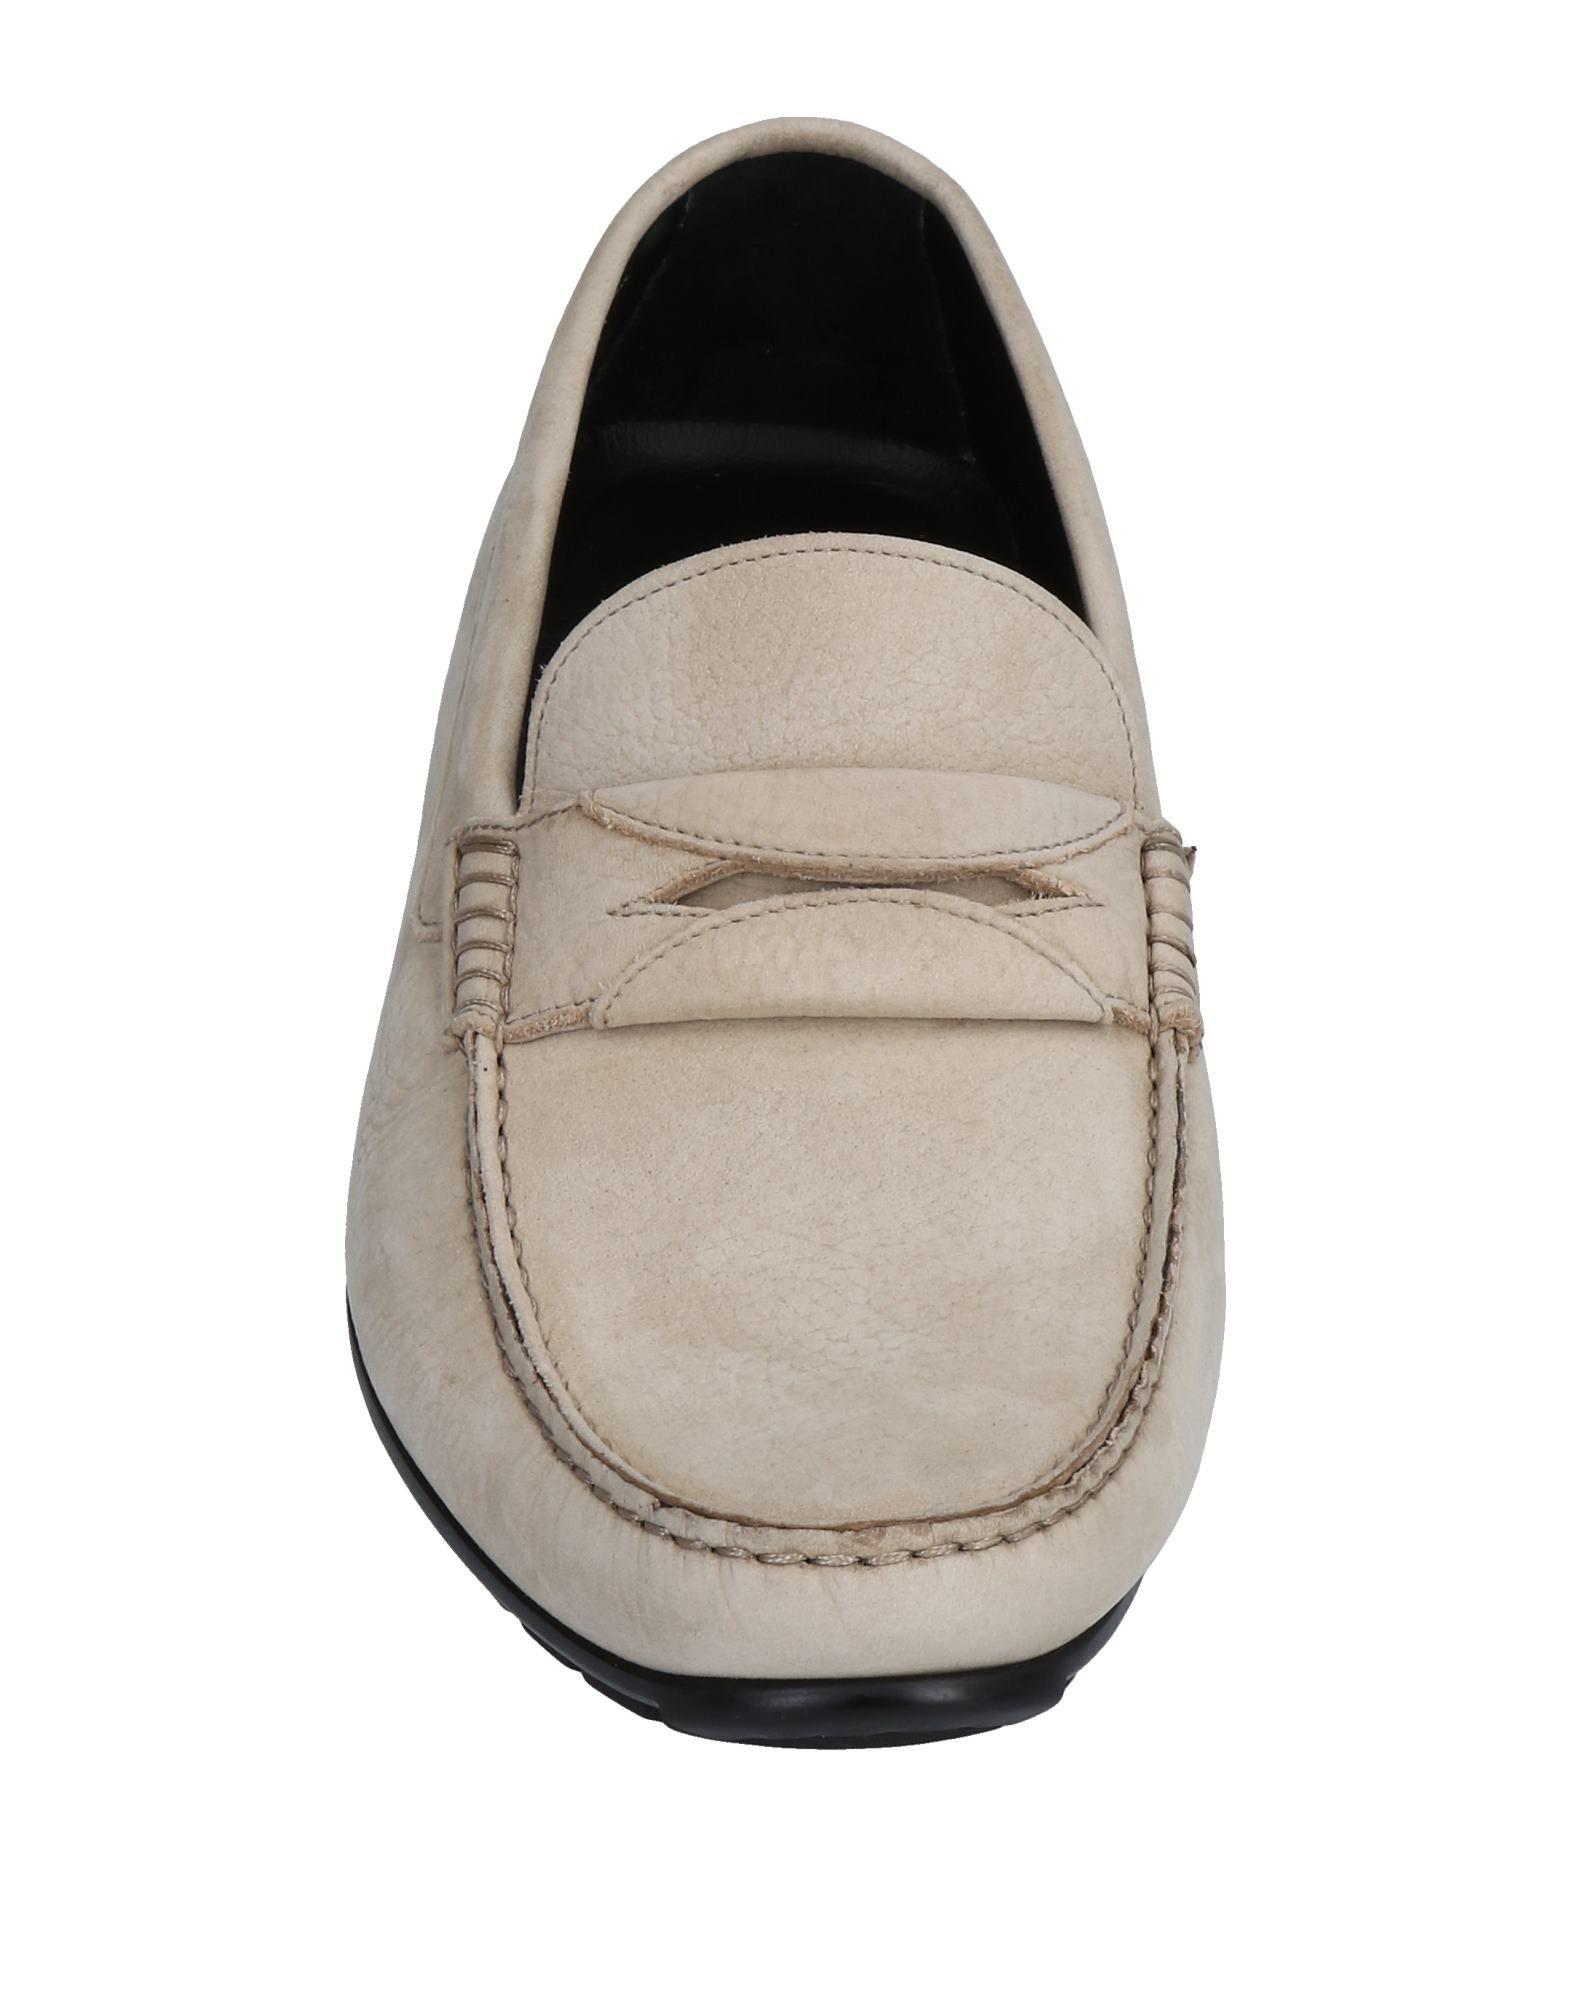 Dolce & Gabbana Mokassins Herren  Schuhe 11470947CP Gute Qualität beliebte Schuhe  a8a1dd